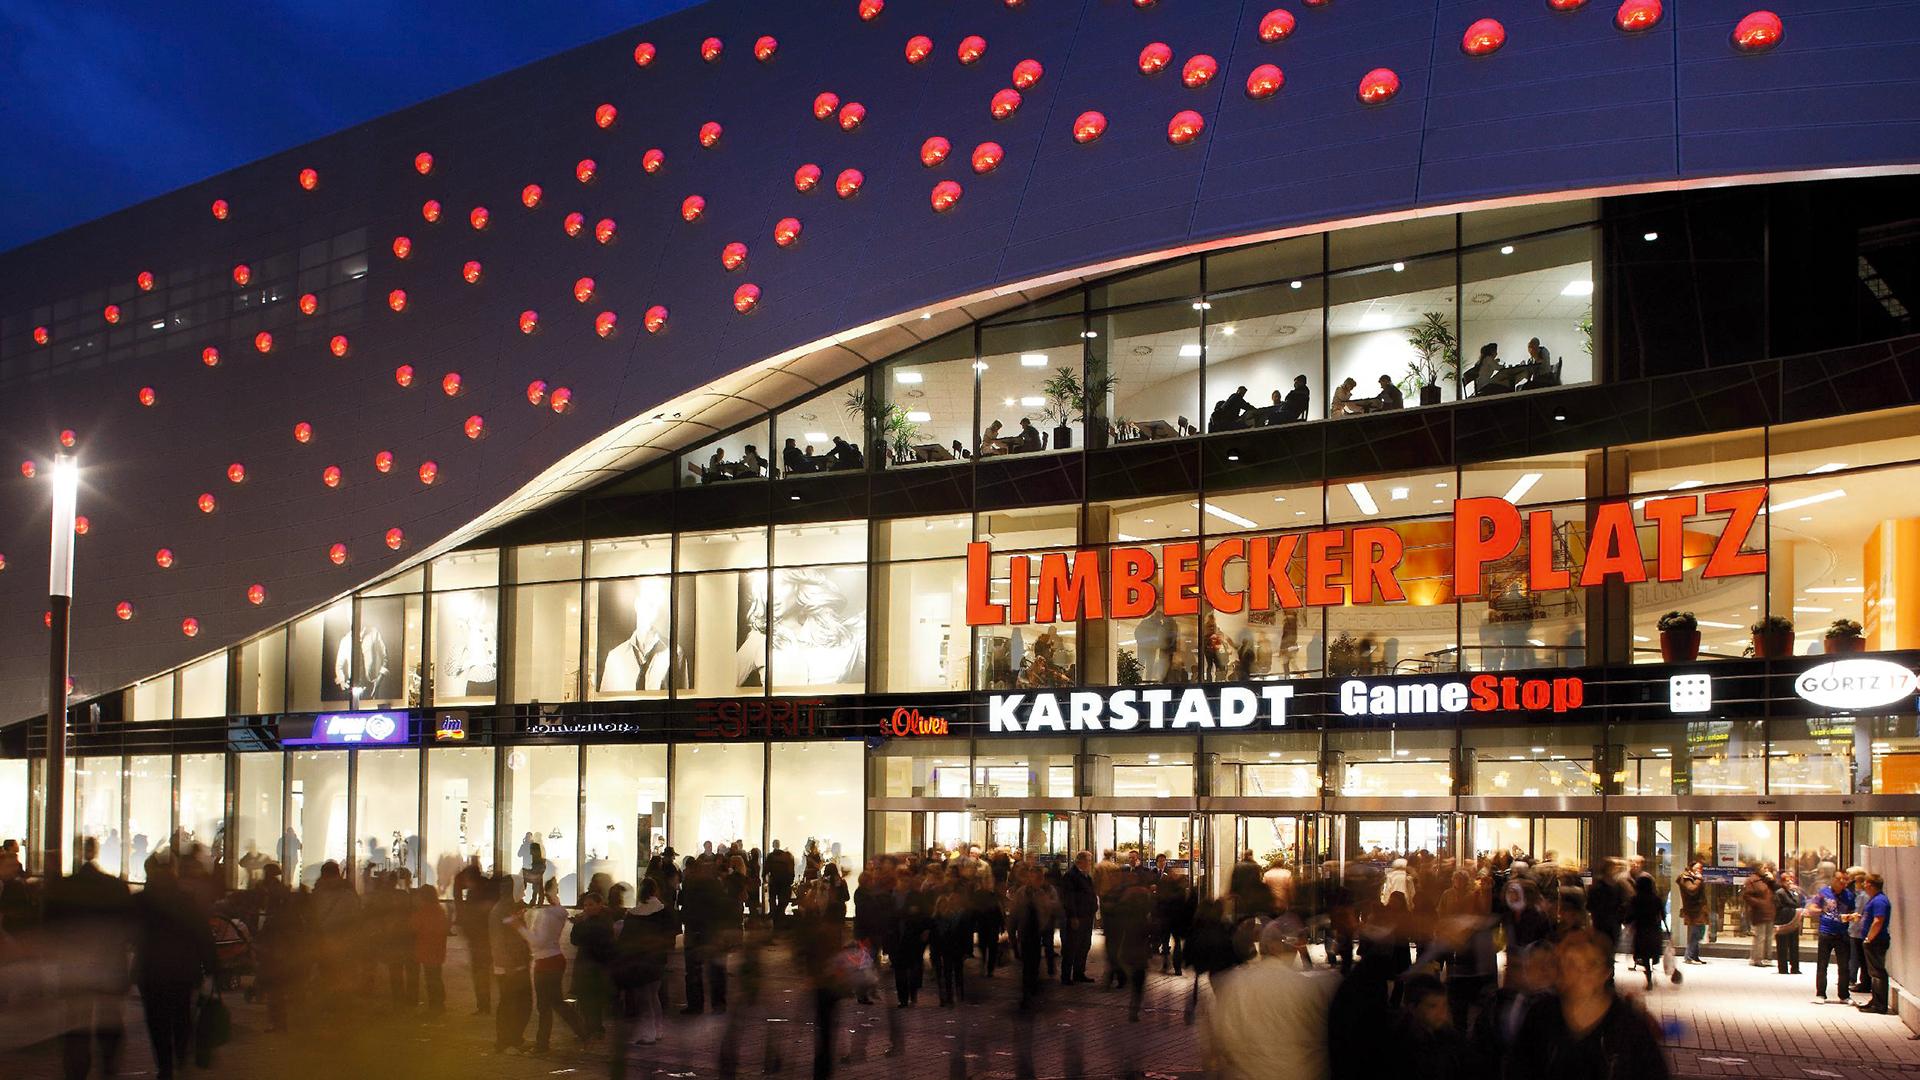 Einkaufzentrum Limbecker Platz